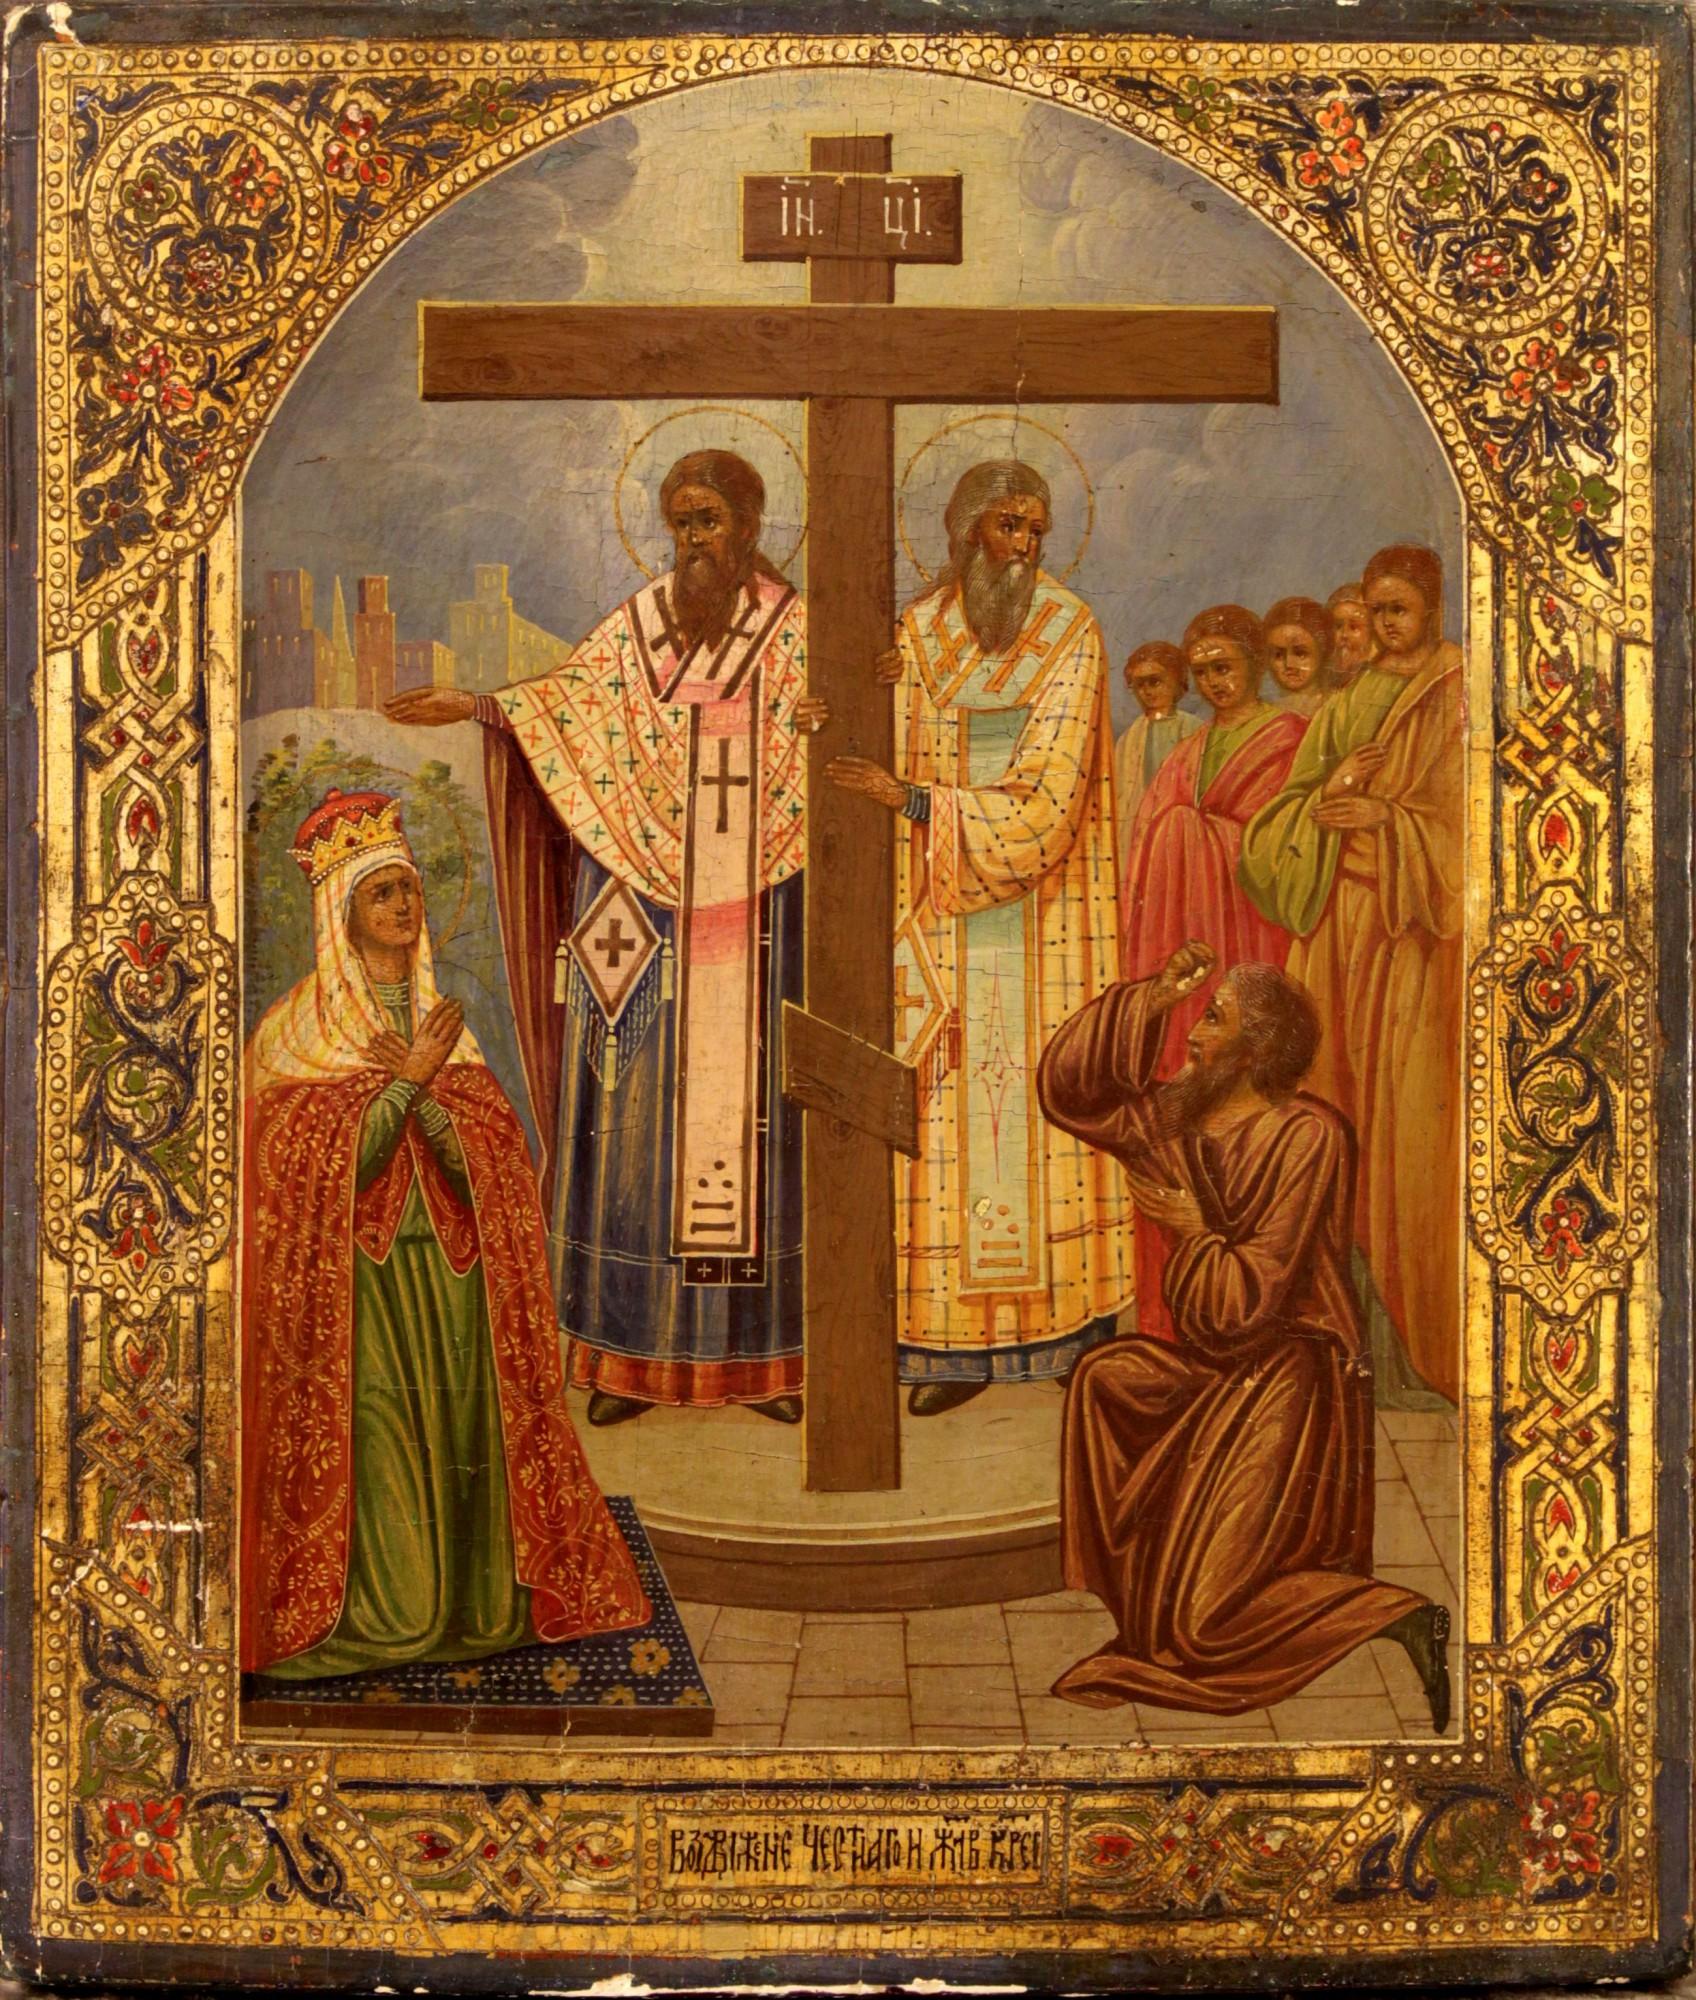 Какой сегодня праздник 27 сентября 2019: церковный праздник Воздвижение креста Господня отмечают в России